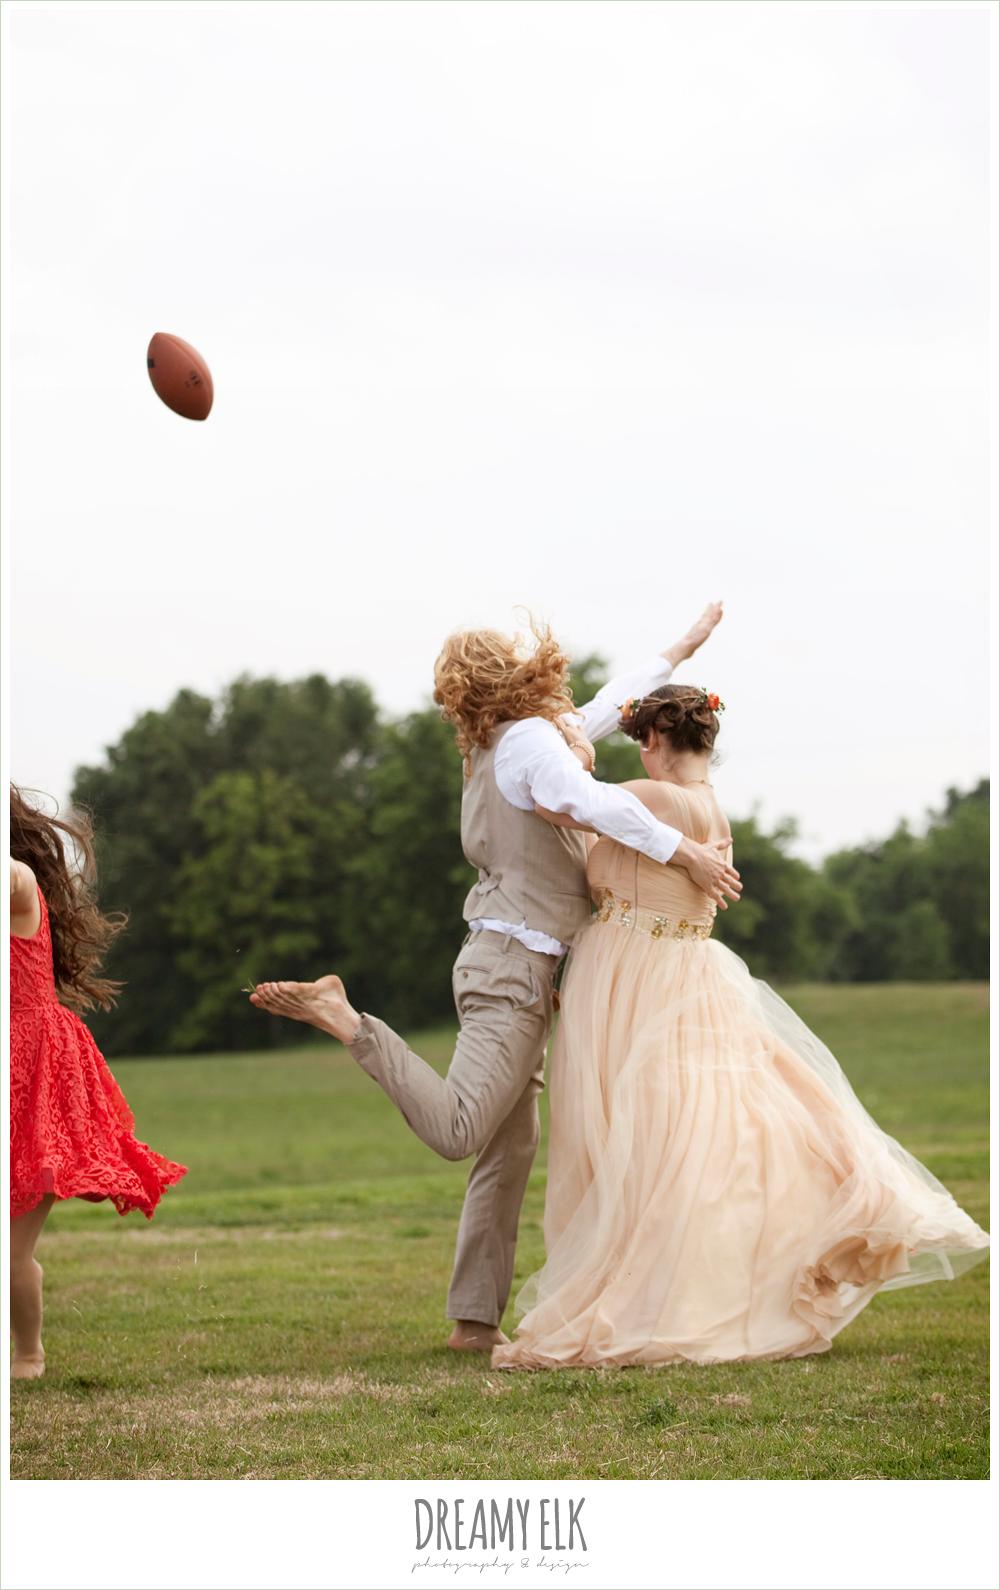 bridal party playing football, groom tackling bride